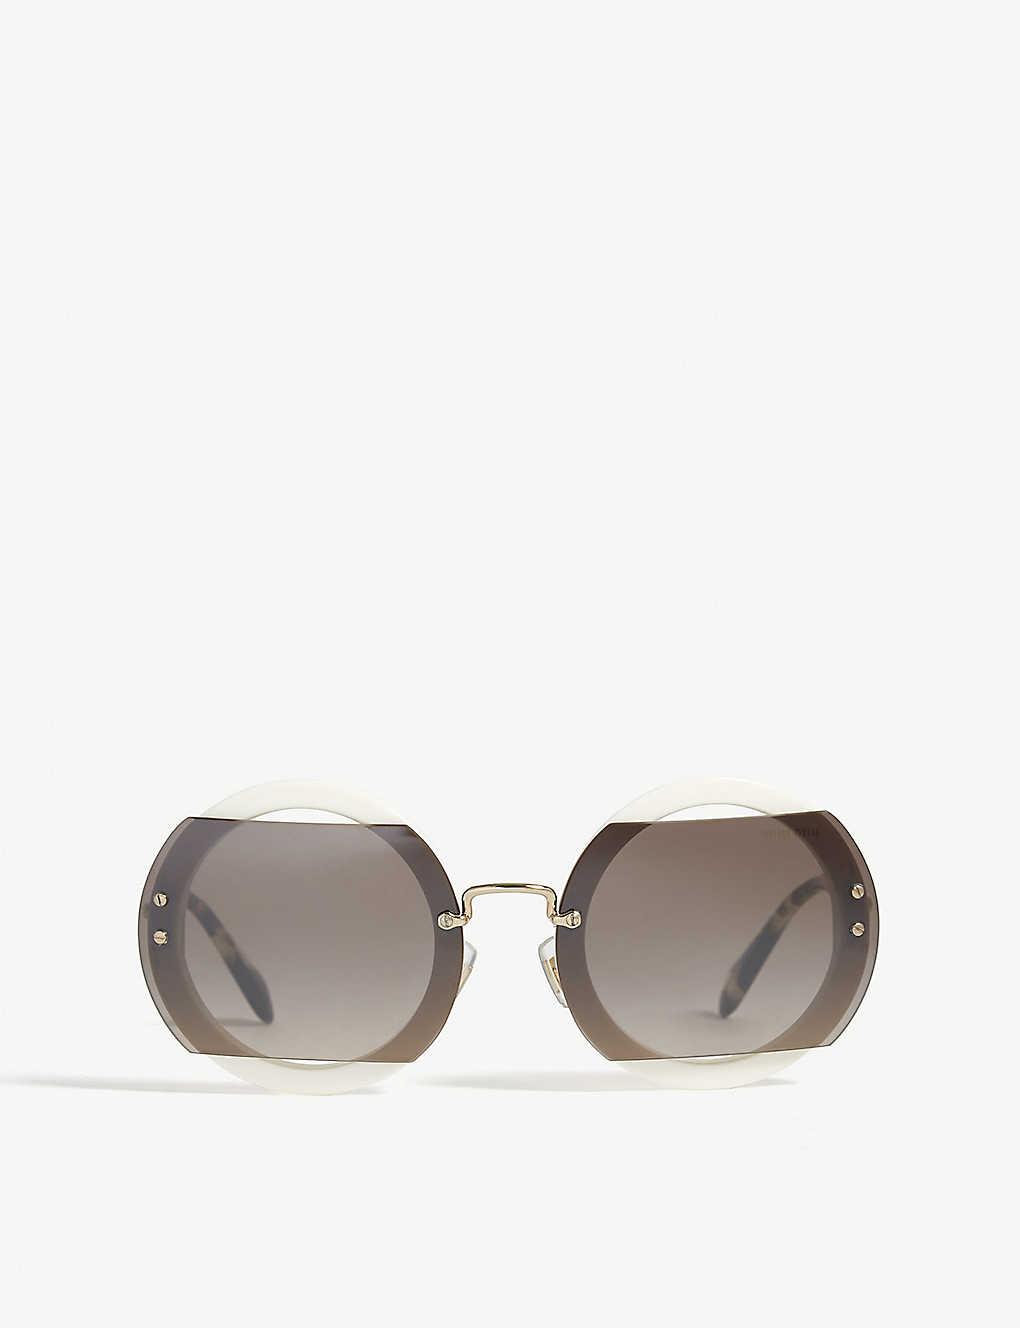 476de764243e MIU MIU - Mu06s Reveal round-frame sunglasses | Selfridges.com